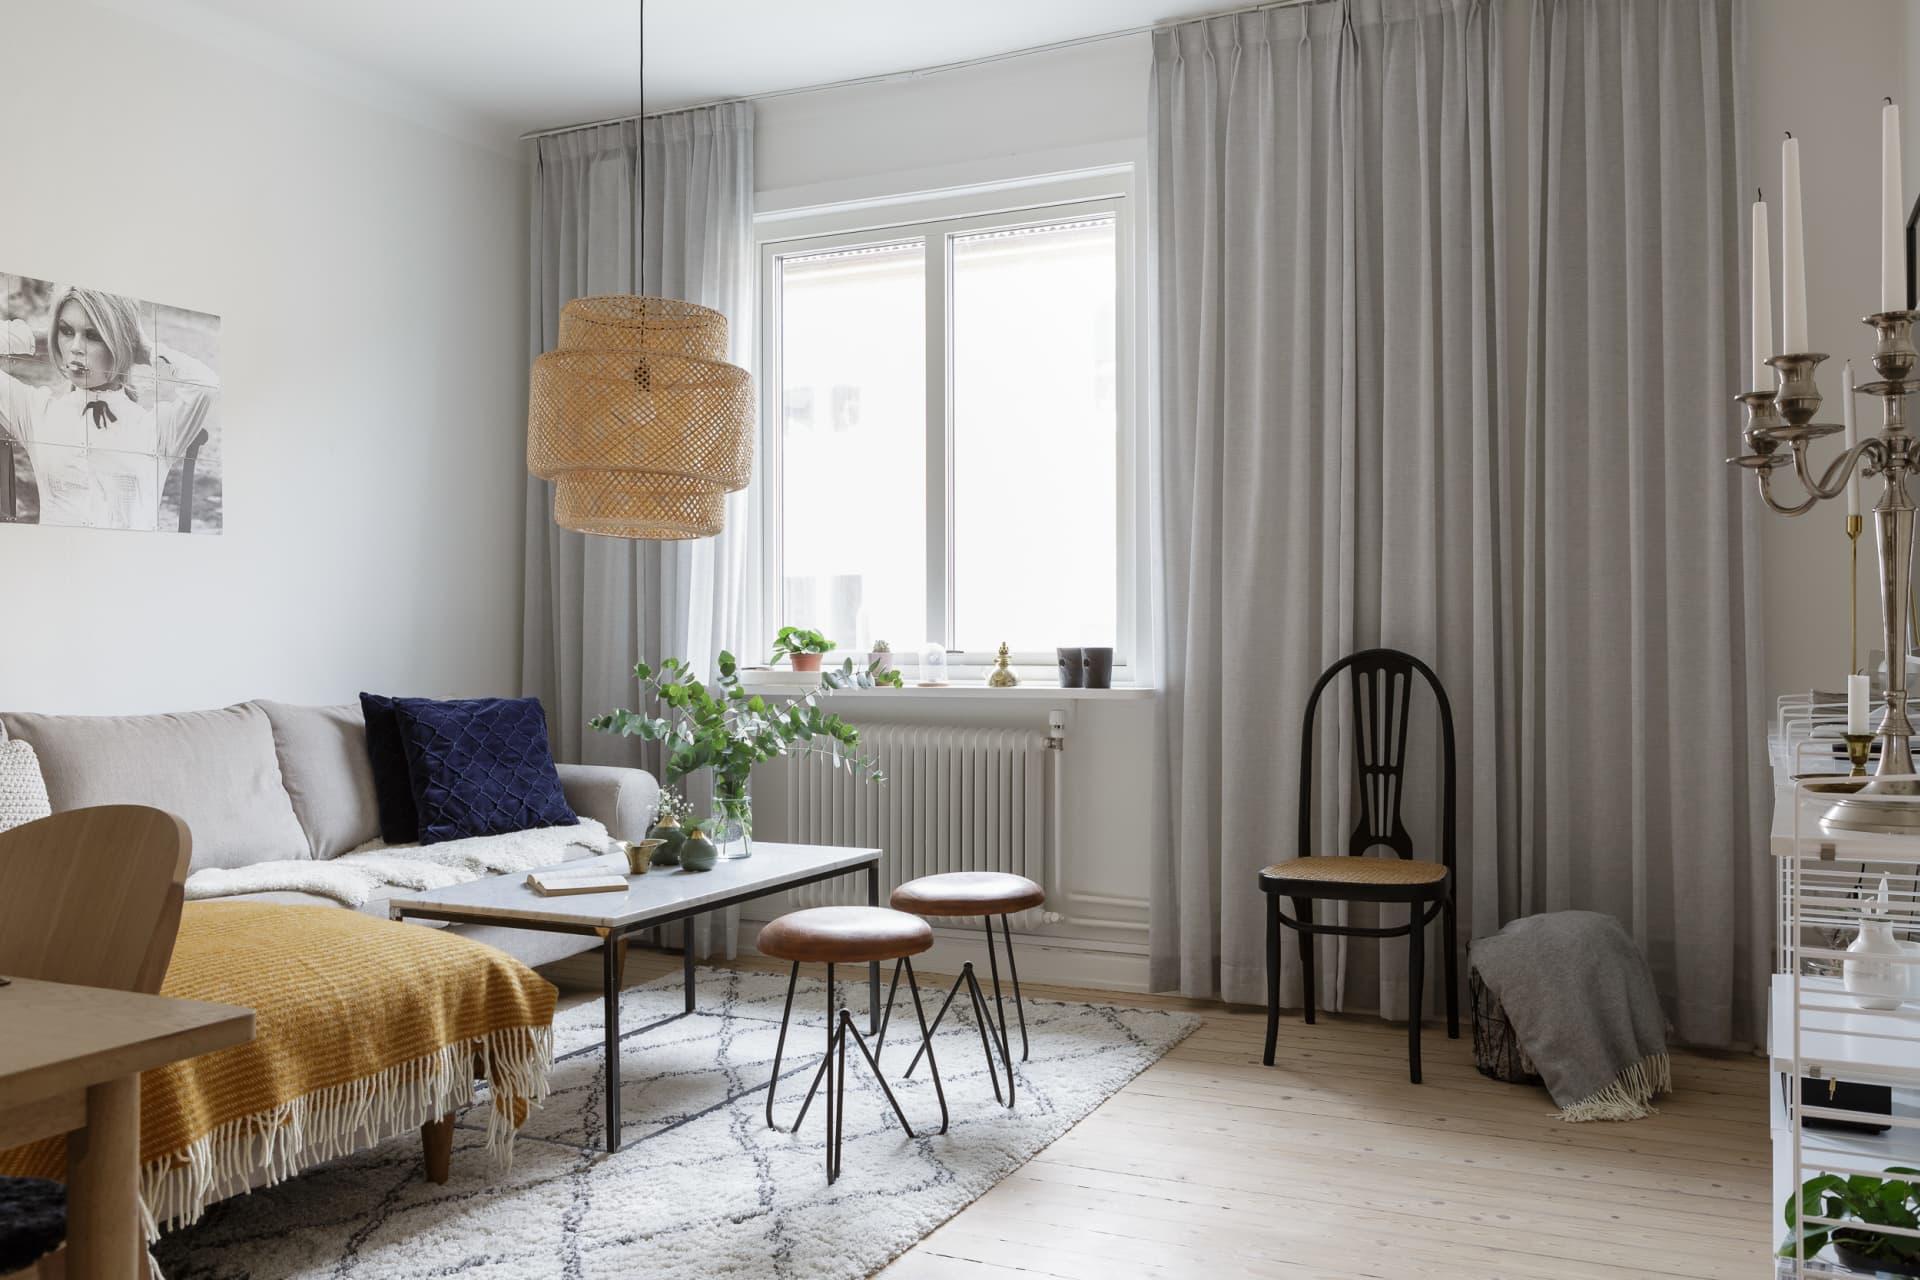 Charlotte har inrett sitt vardagsrum i en harmonisk färgskala.TaklampaIkea, matta Ellos, soffa köpt på Nilssons möbler i Lammhult, pallar från Lokalen GBG, senapsgul pläd Klippan.